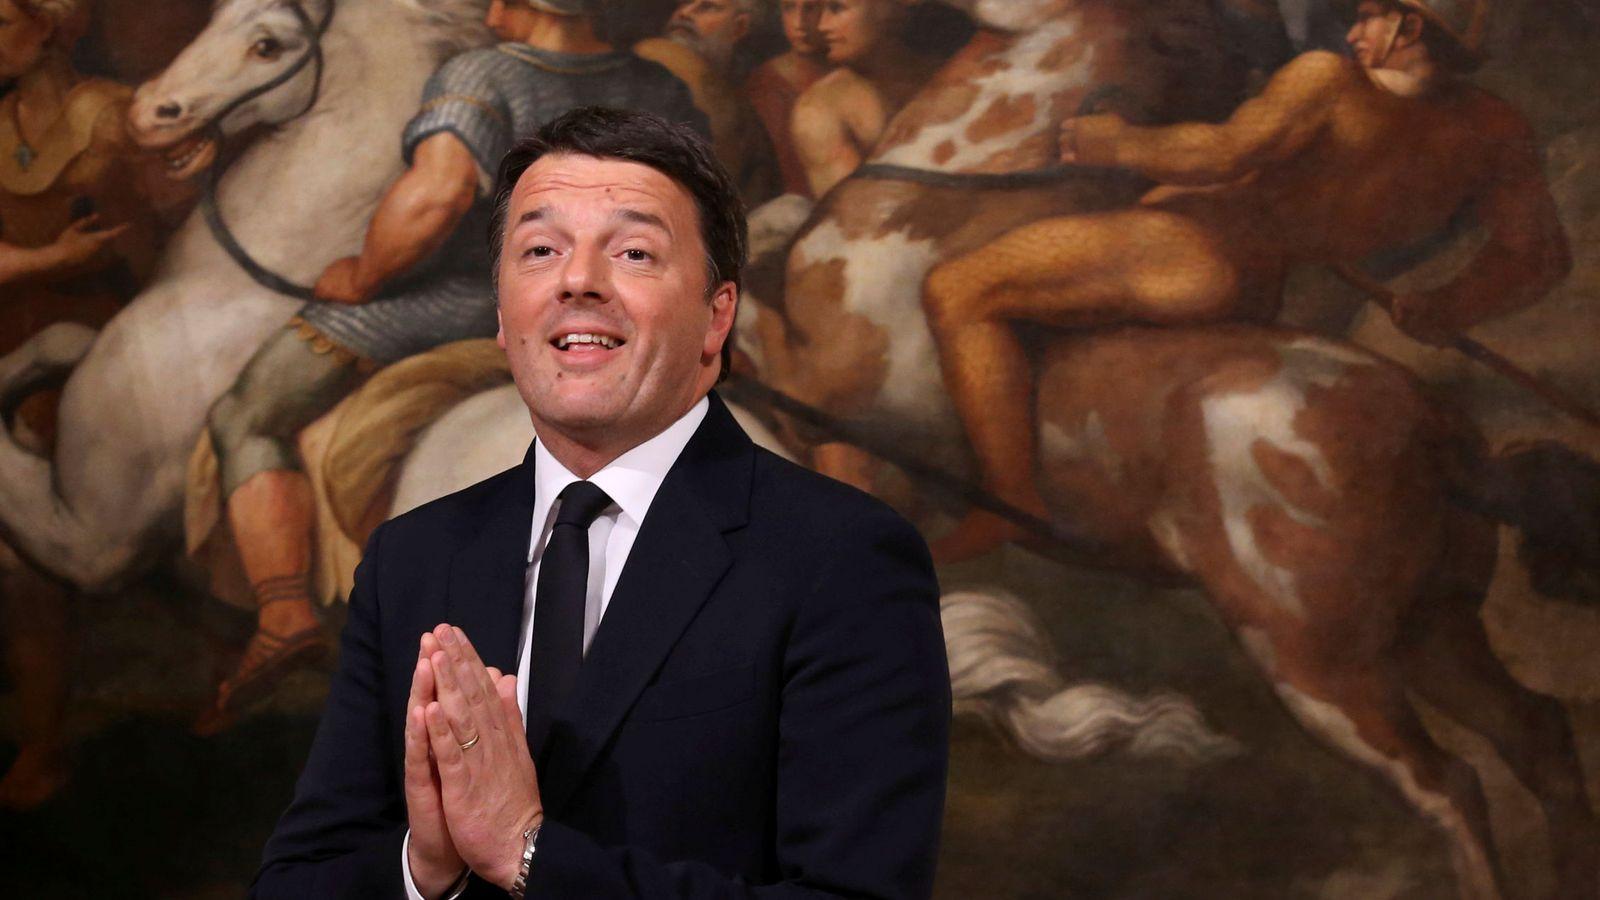 Foto: Matteo Renzi, ex primer ministro de Italia y candidato a un nuevo mandato. (Reuters)